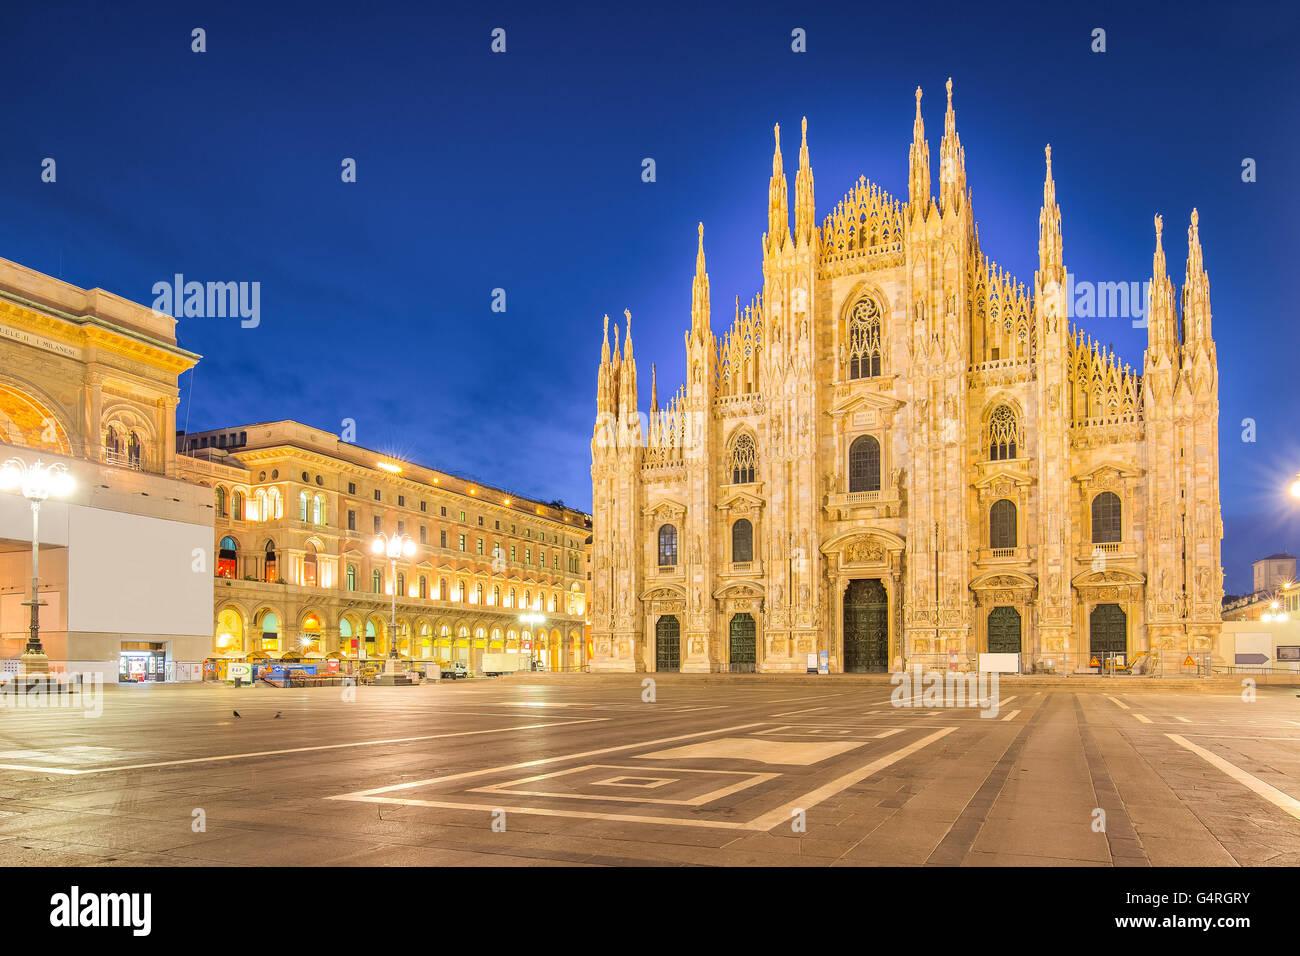 Nuit au Duomo de la cathédrale de Milan en Italie. Photo Stock